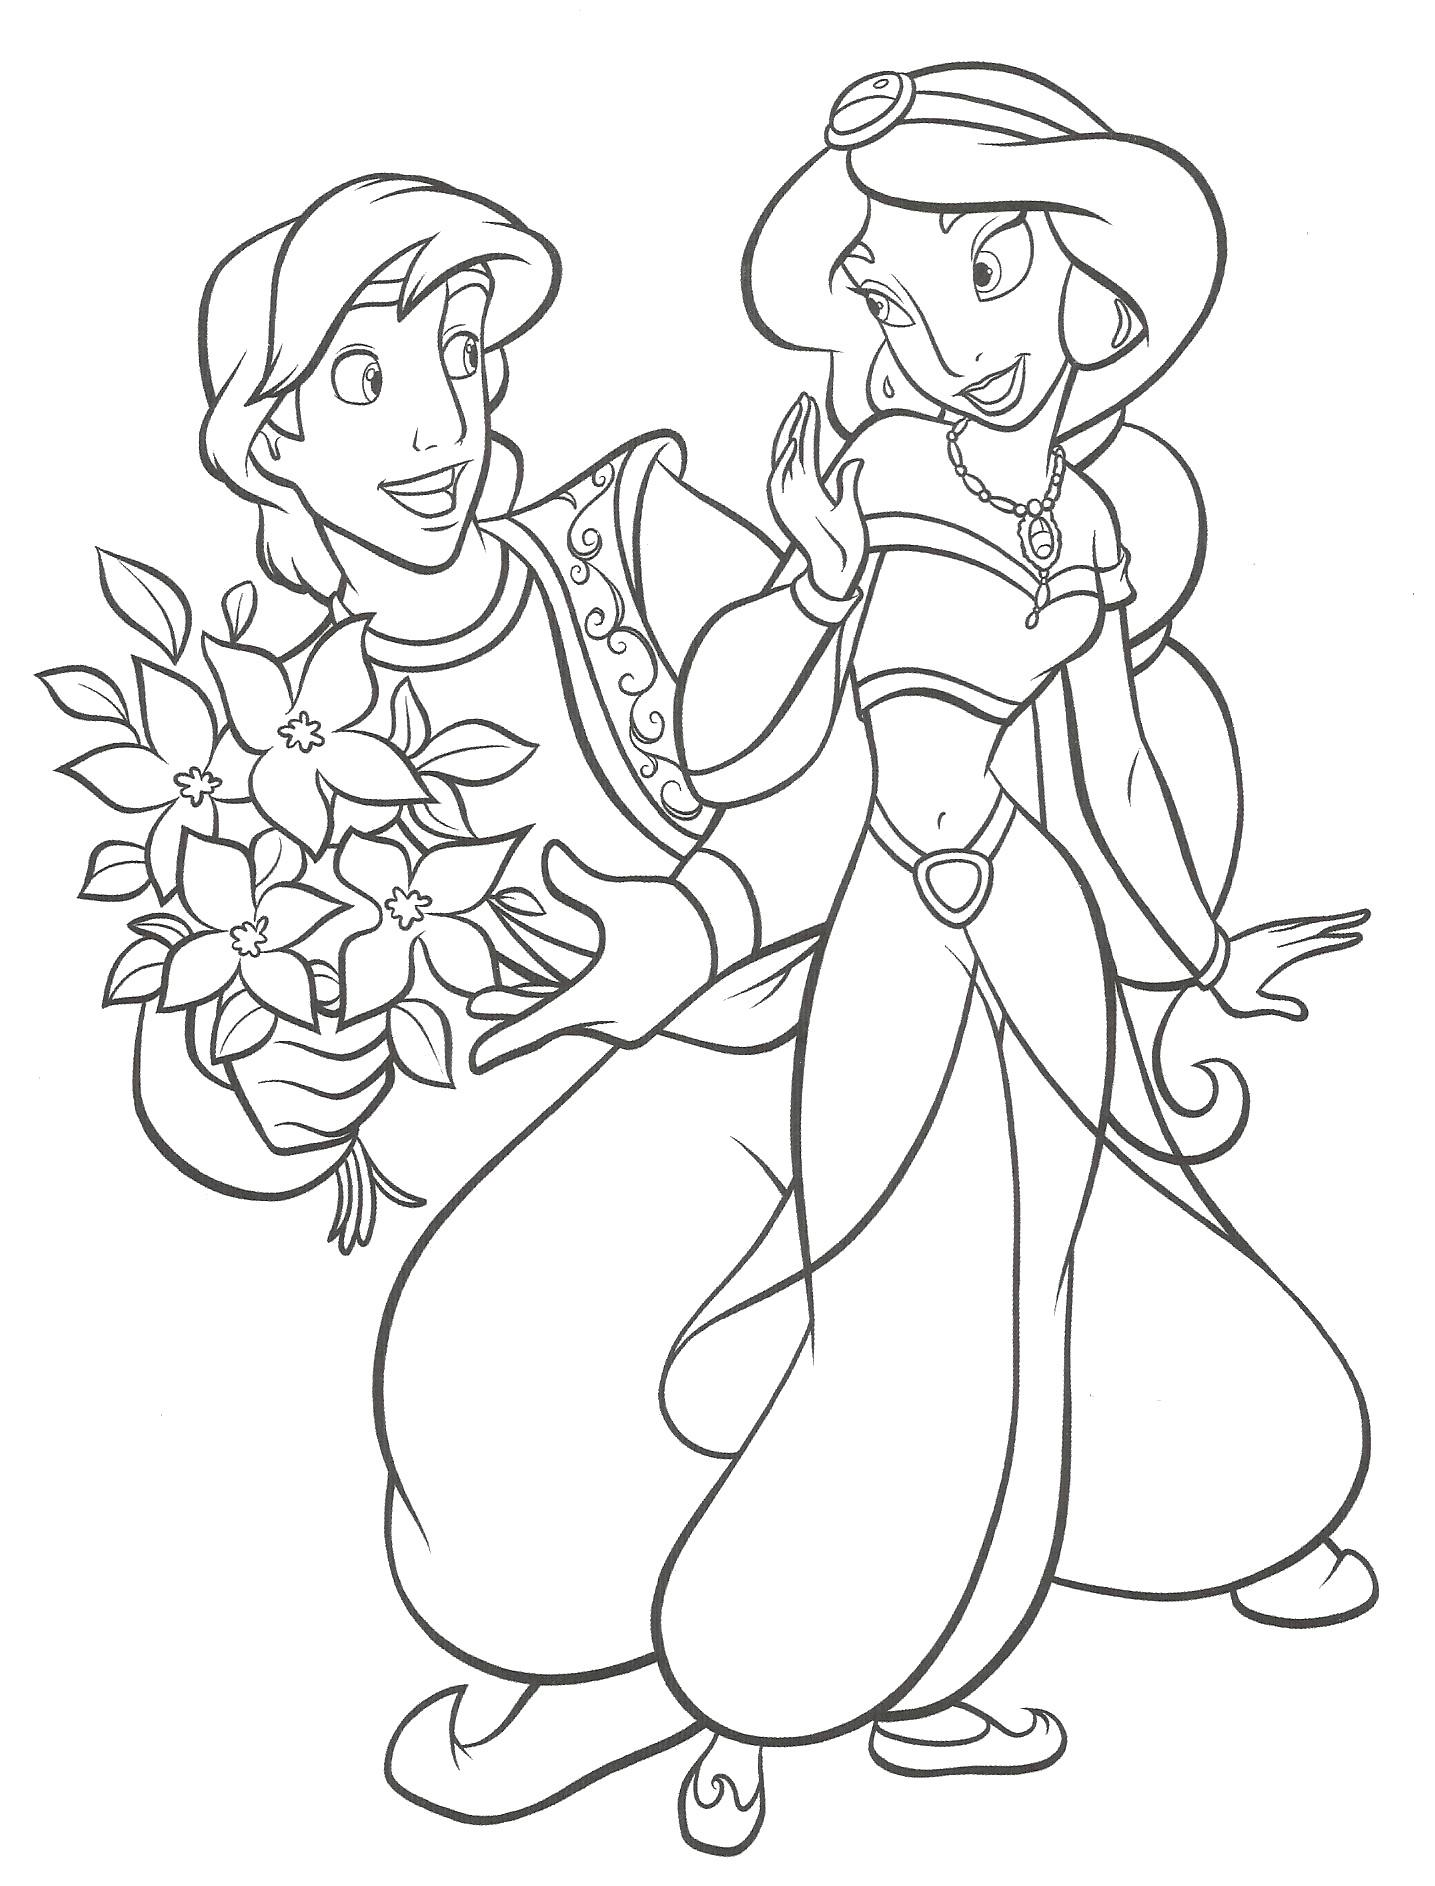 Aladdin and jasmine to print for free - Aladdin (and Jasmine) Kids ...